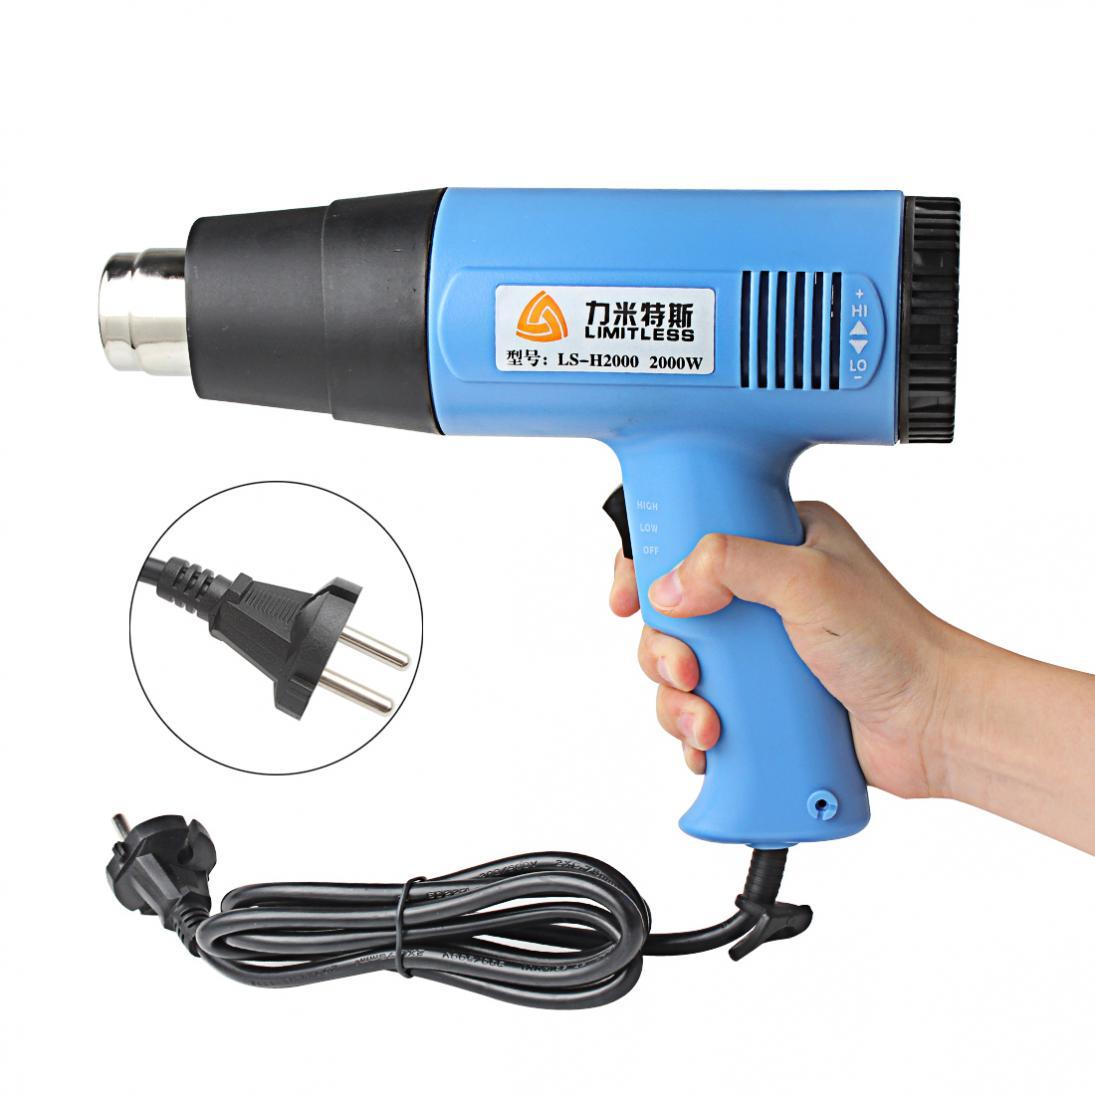 Pistola de aire caliente AC 220V 2000W temperatura ajustable pistola de calor Industrial pistola de calor Hotair enchufe de la UE para decapado retráctil DIY